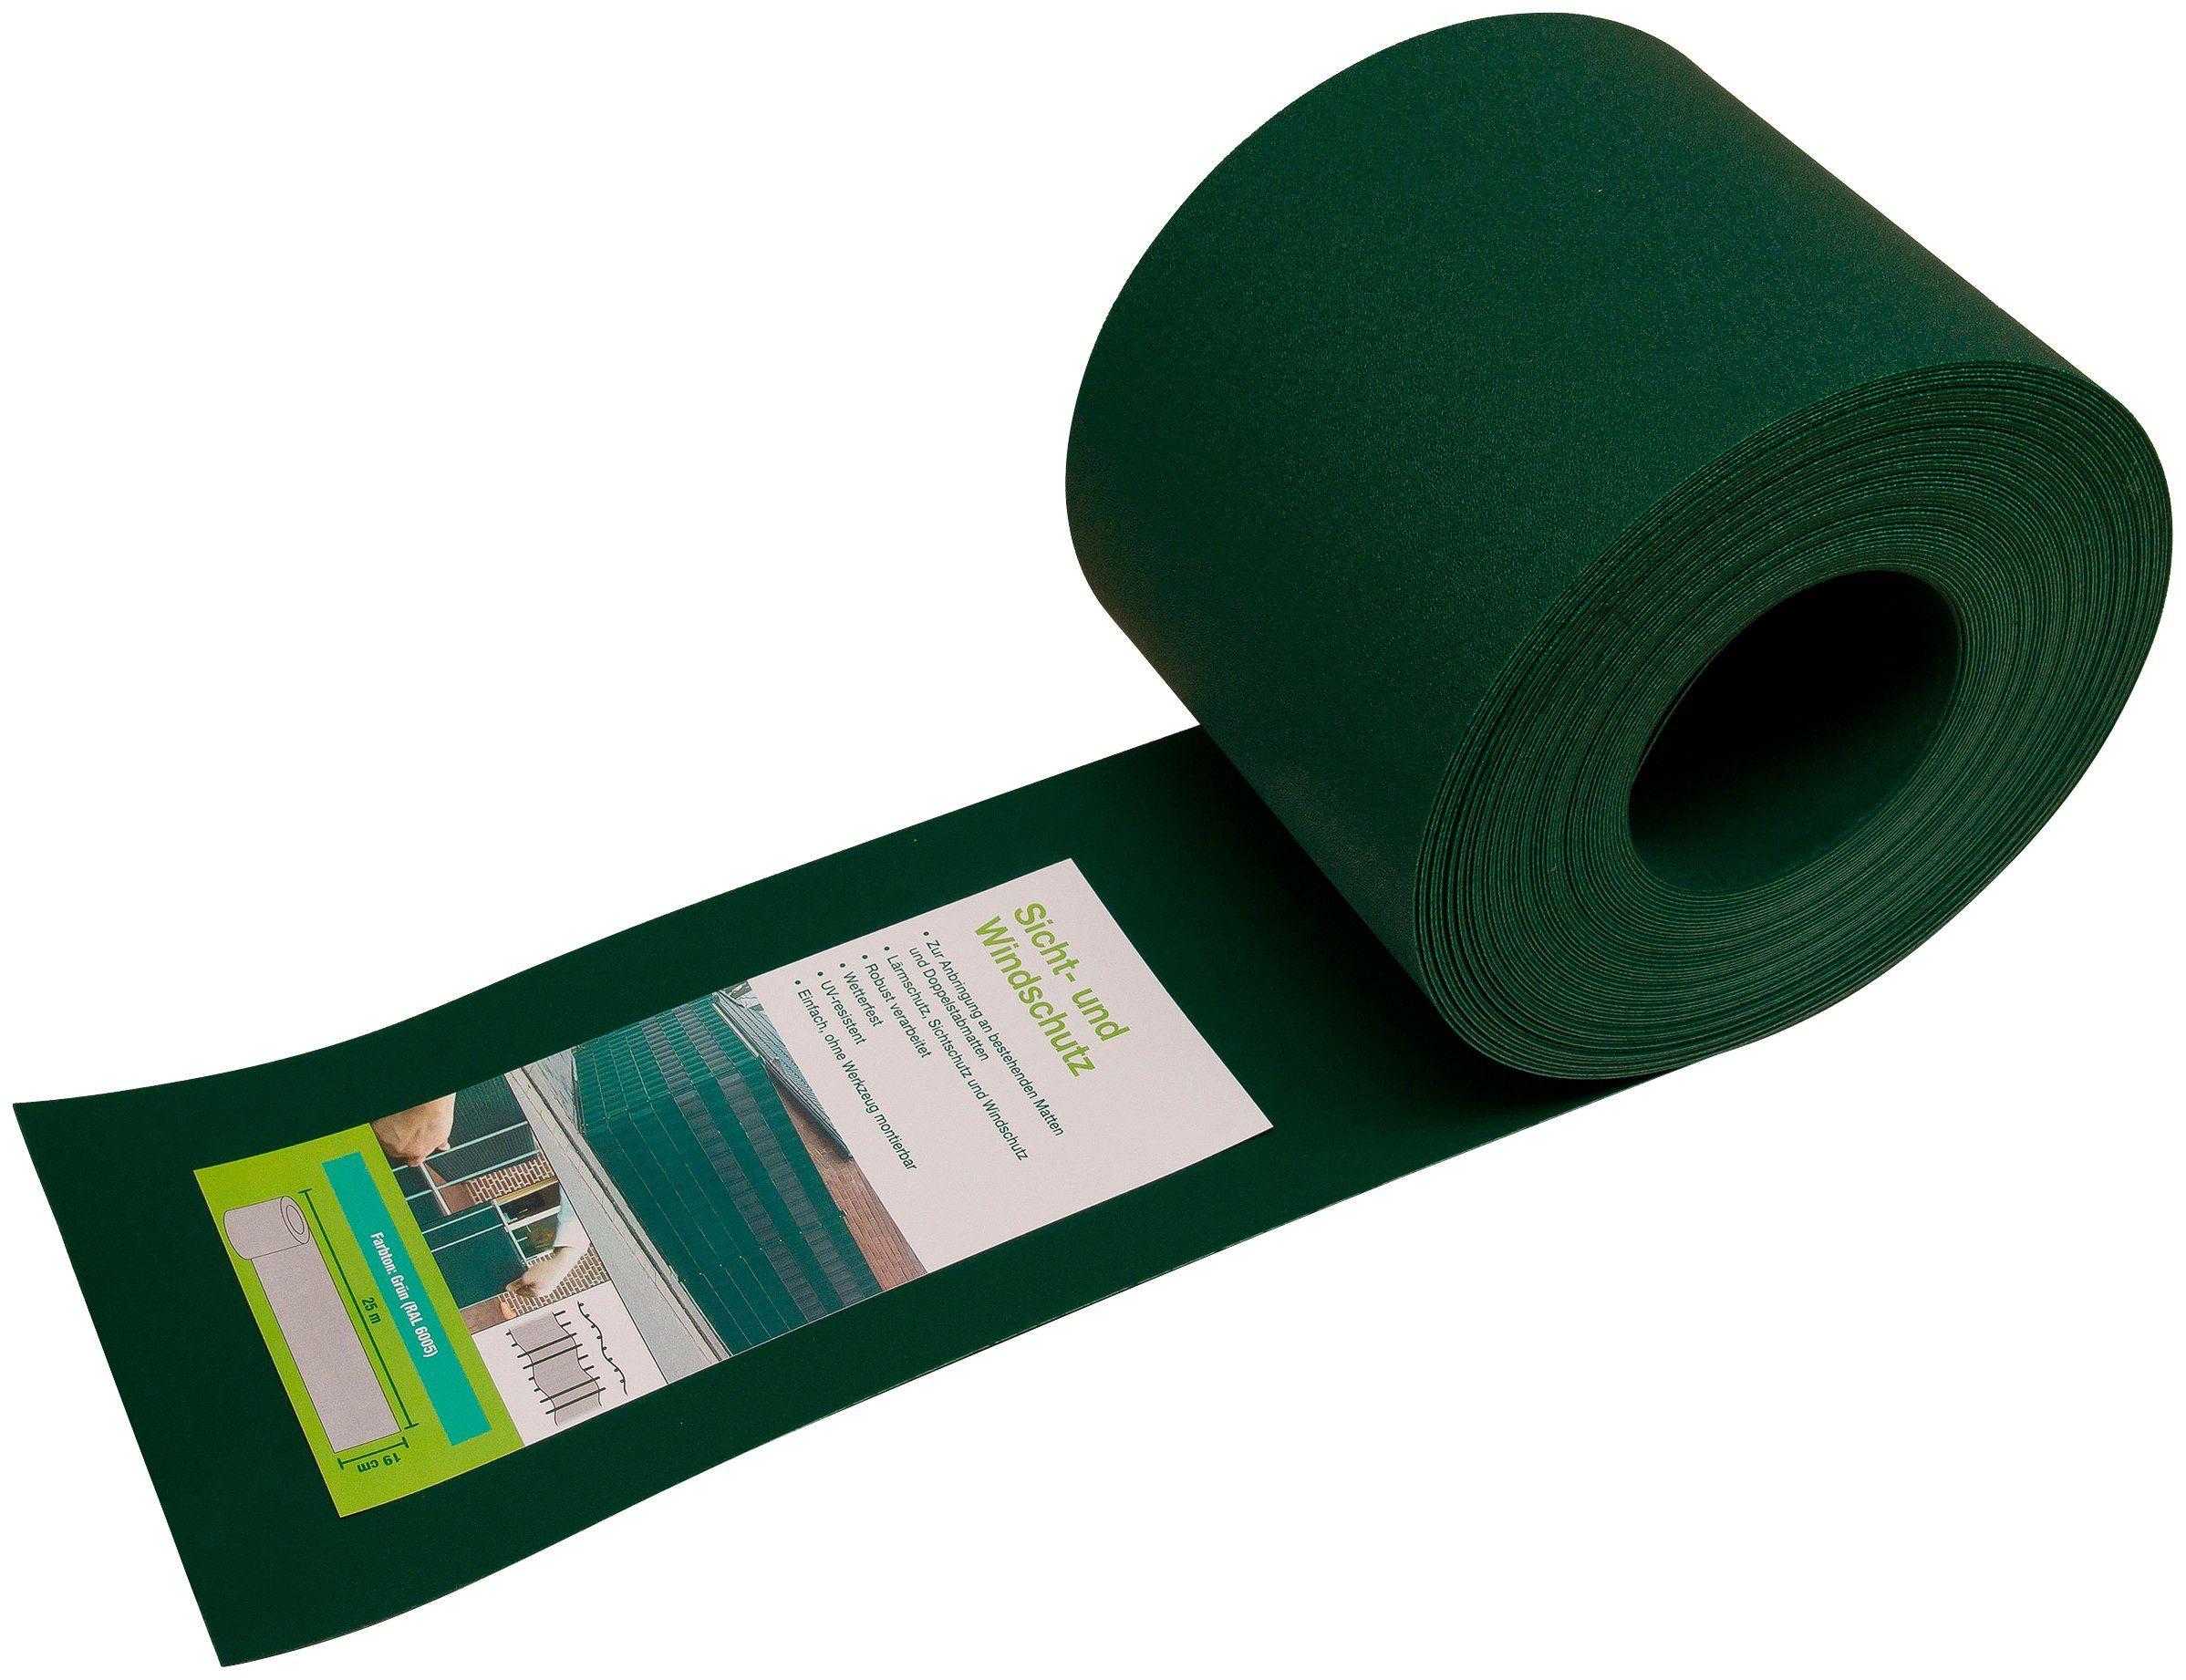 PEDDY SHIELD Wind- und Sichtschutz , 25 m Rolle, grün